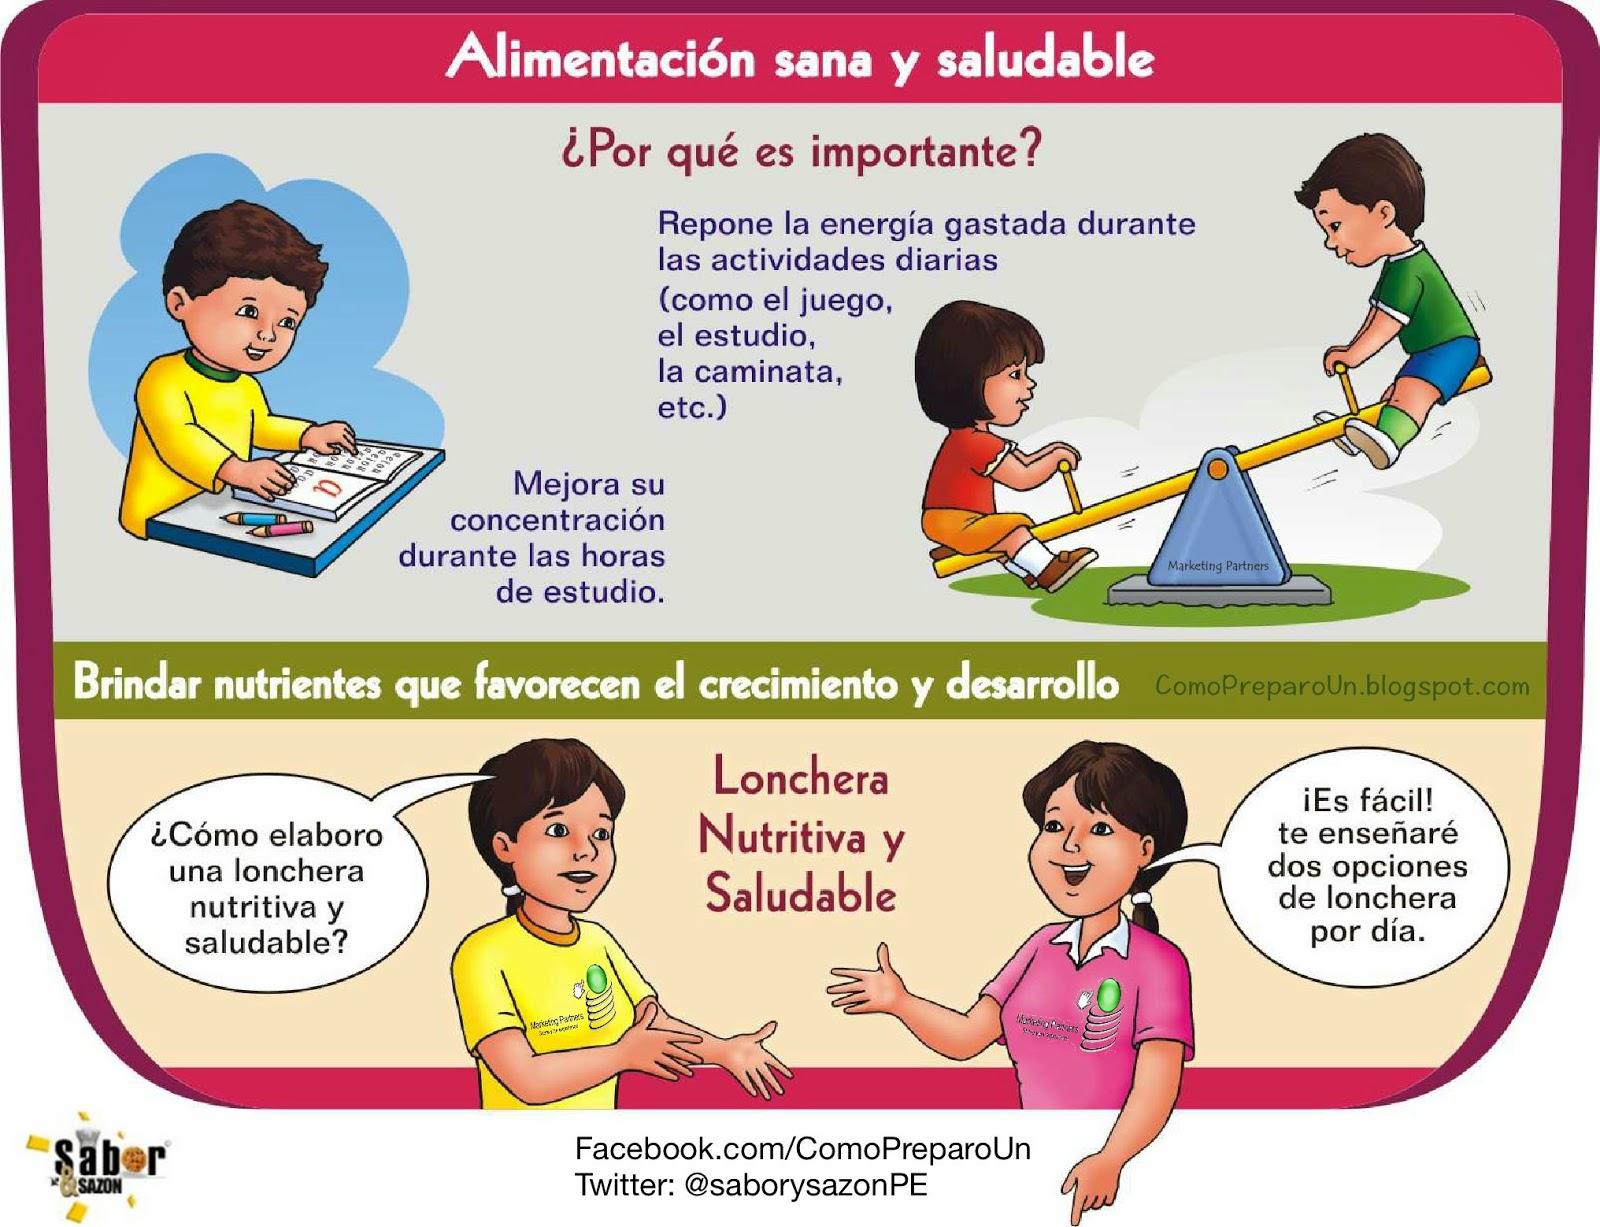 LONCHERAS NUTRITIVAS Y SALUDABLES PARA NIÑOS - Martes